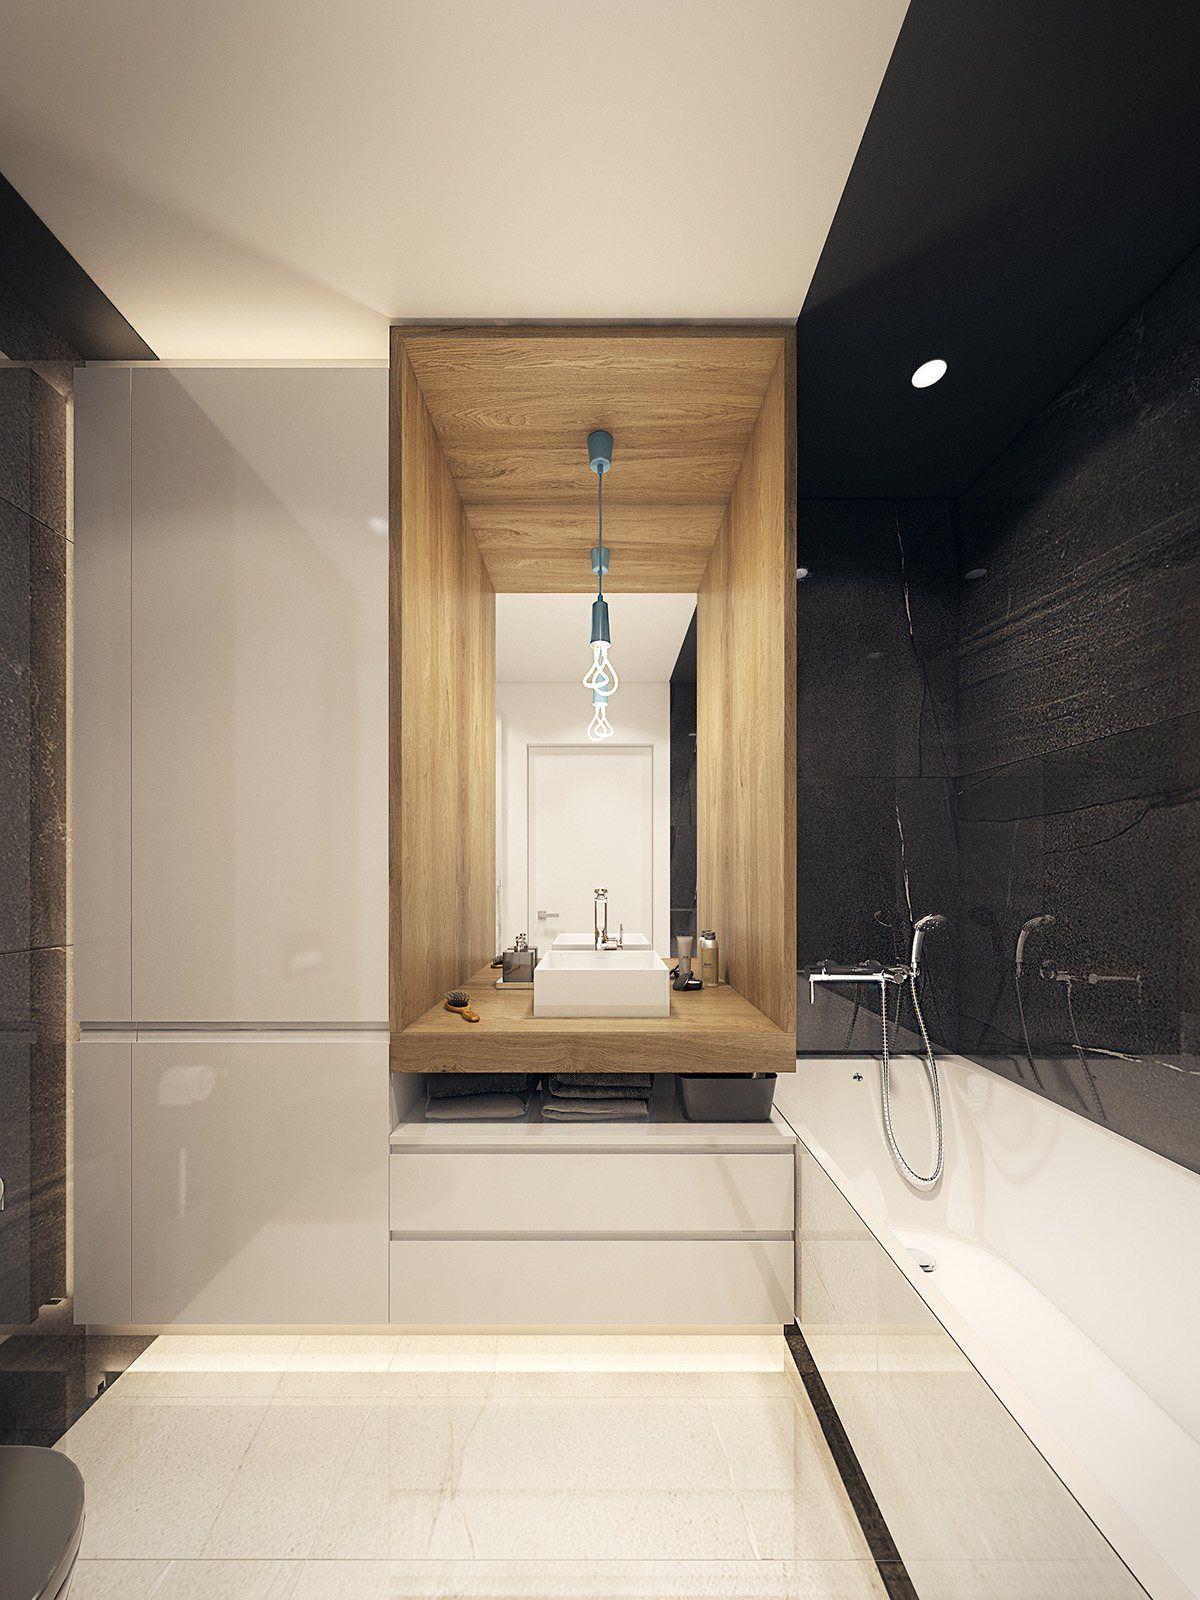 Interior Design Dramatic Interior Architecture Meets Elegant Decor